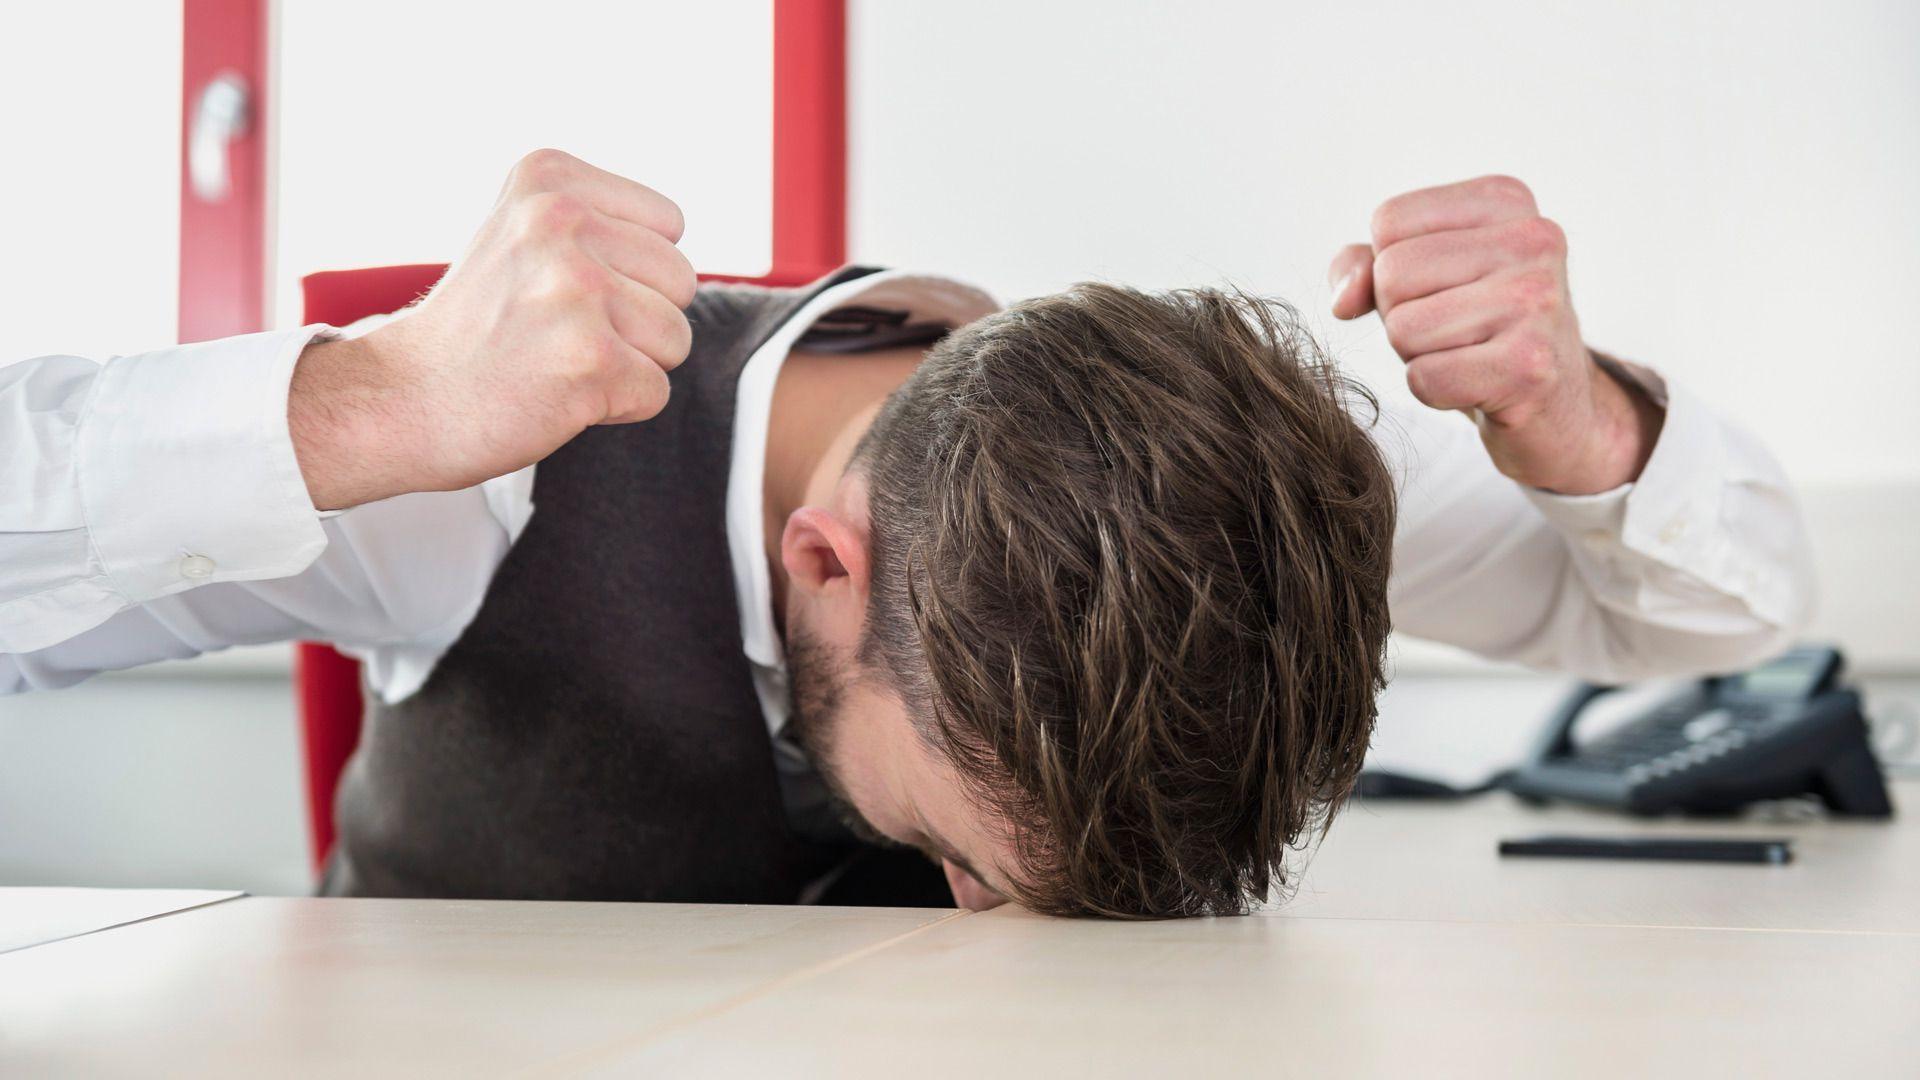 «Что со мной происходит?»: 16 признаков нервного срыва, при которых нужна помощь